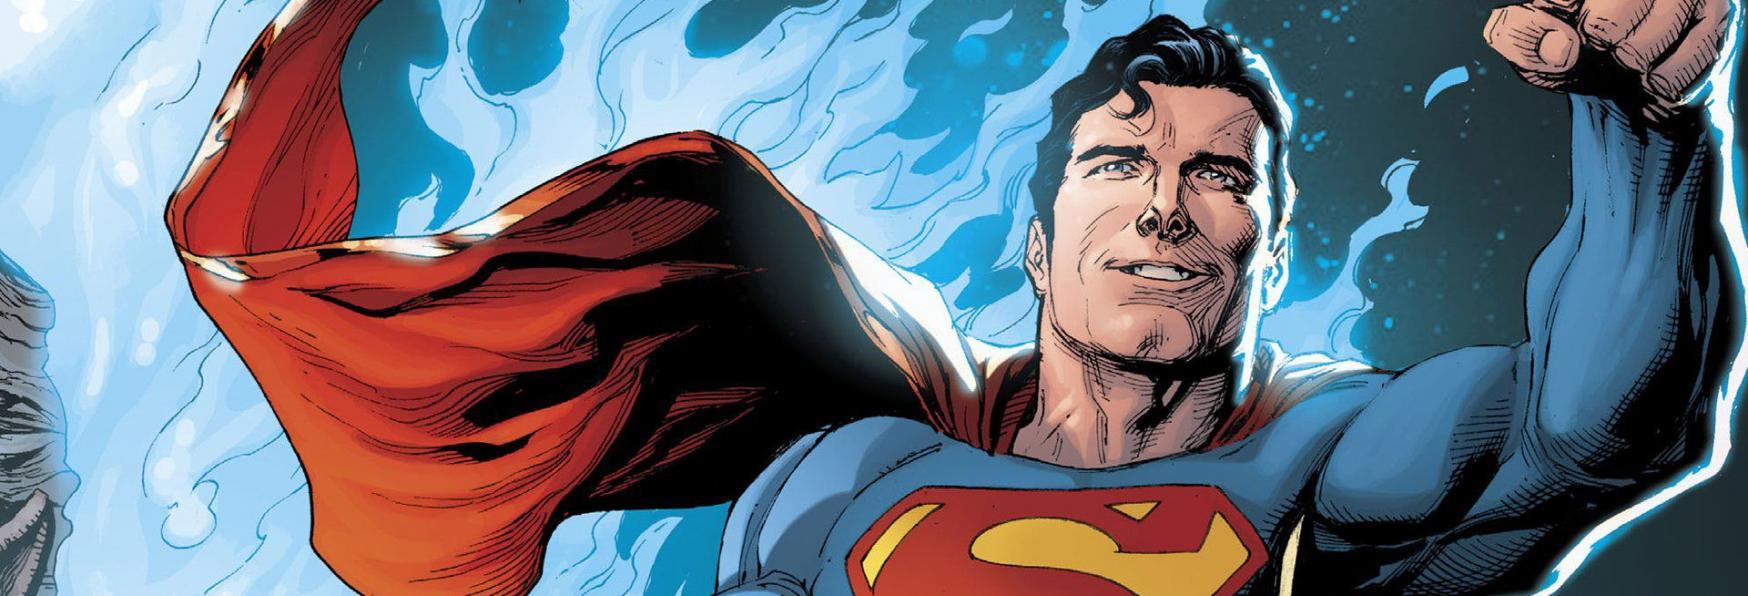 Annunciata la Serie Animata My Adventures with Superman, prodotta da HBO Max e Cartoon Network